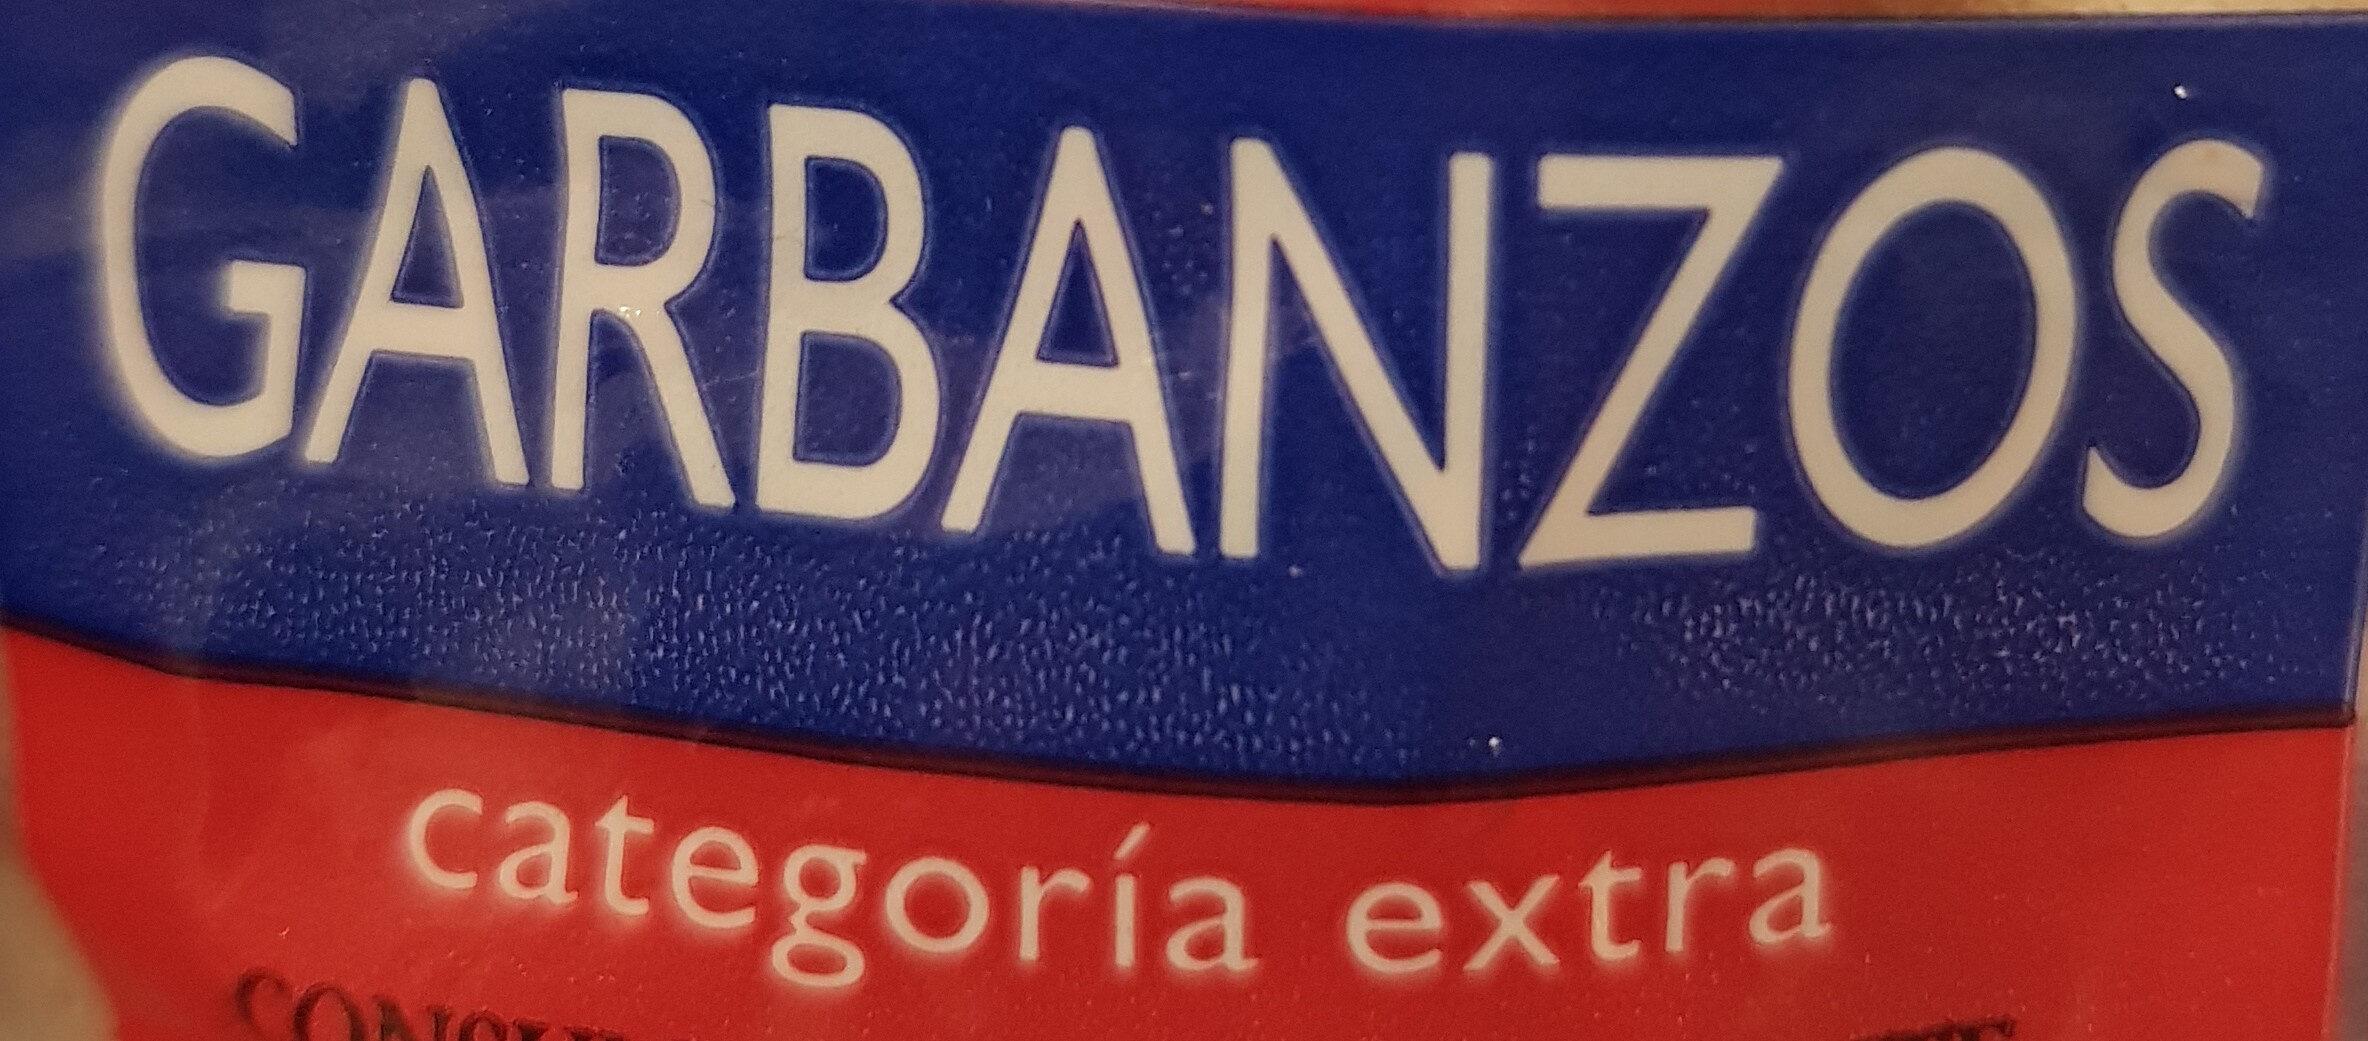 Garbanzos - Ingredientes